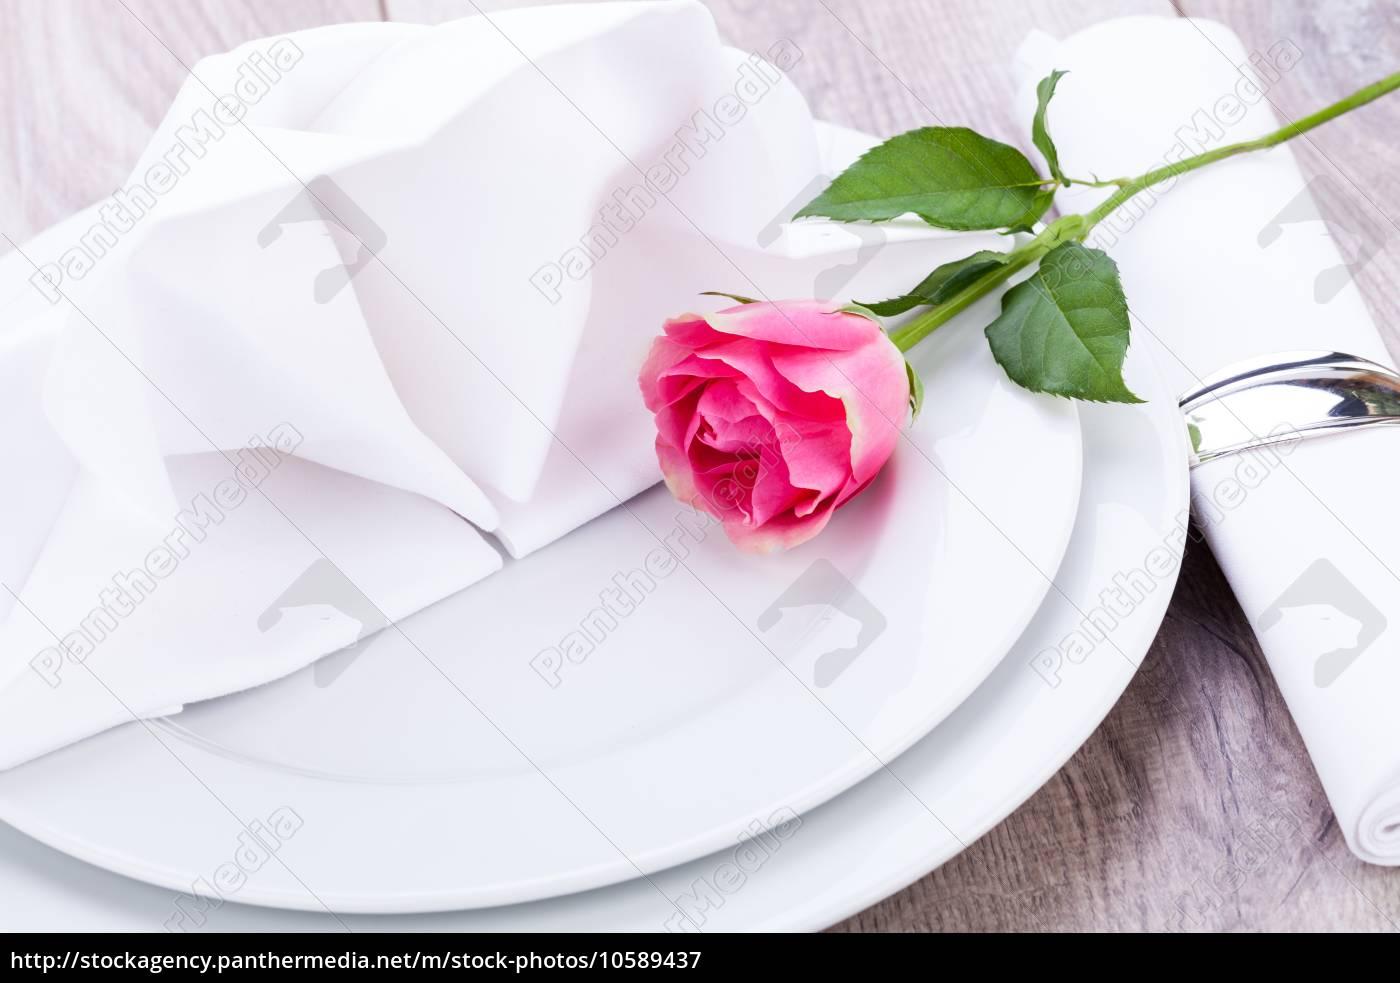 romantisch gedeckter tisch mit silberbesteck und einer lizenzfreies bild 10589437. Black Bedroom Furniture Sets. Home Design Ideas